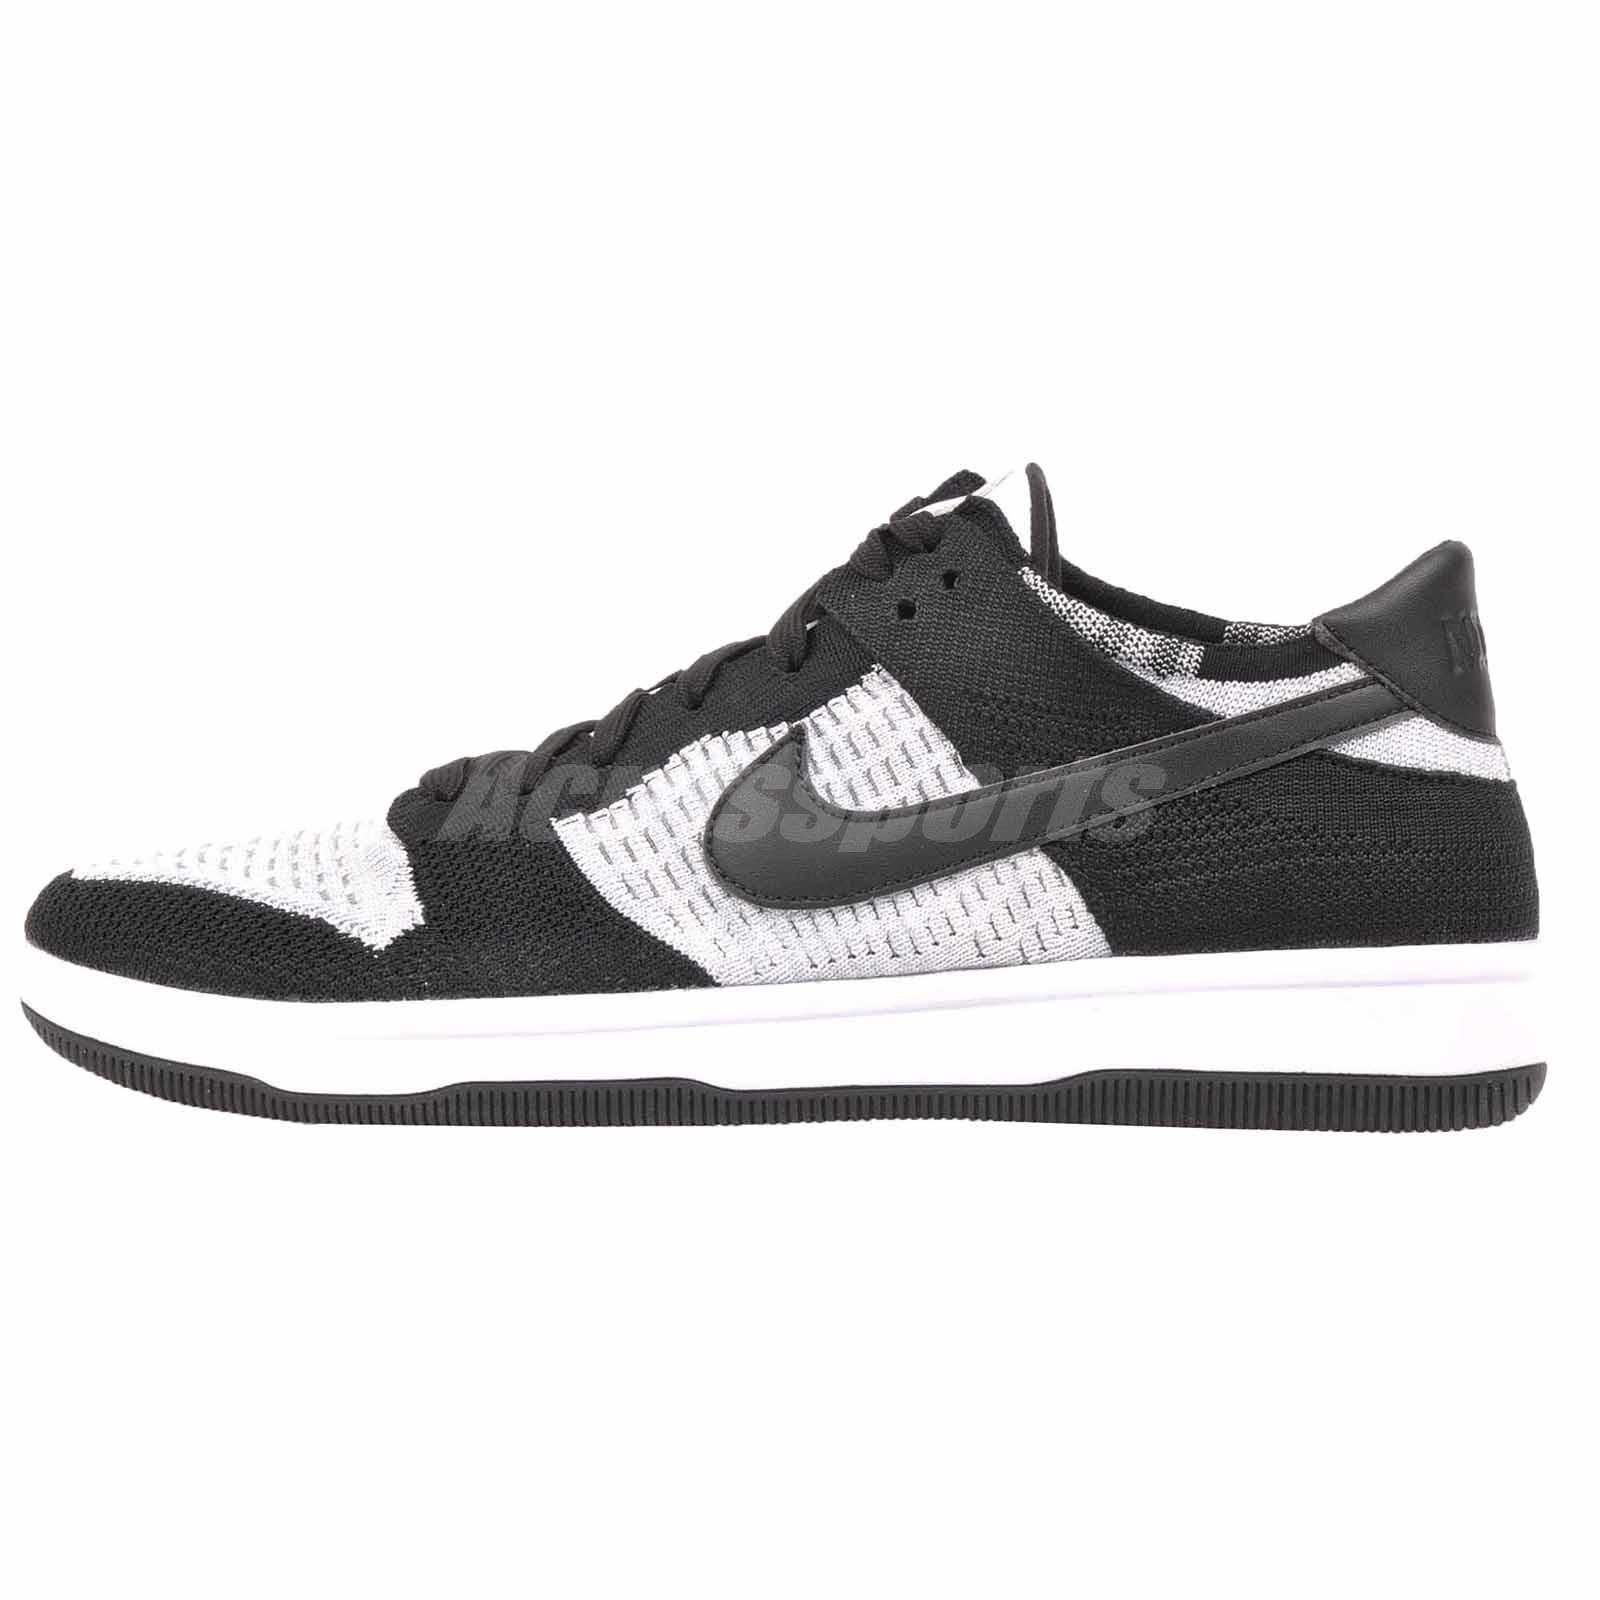 les hommes flyknit chaussures nike dunk blanc et noir gre gre gre b0495d